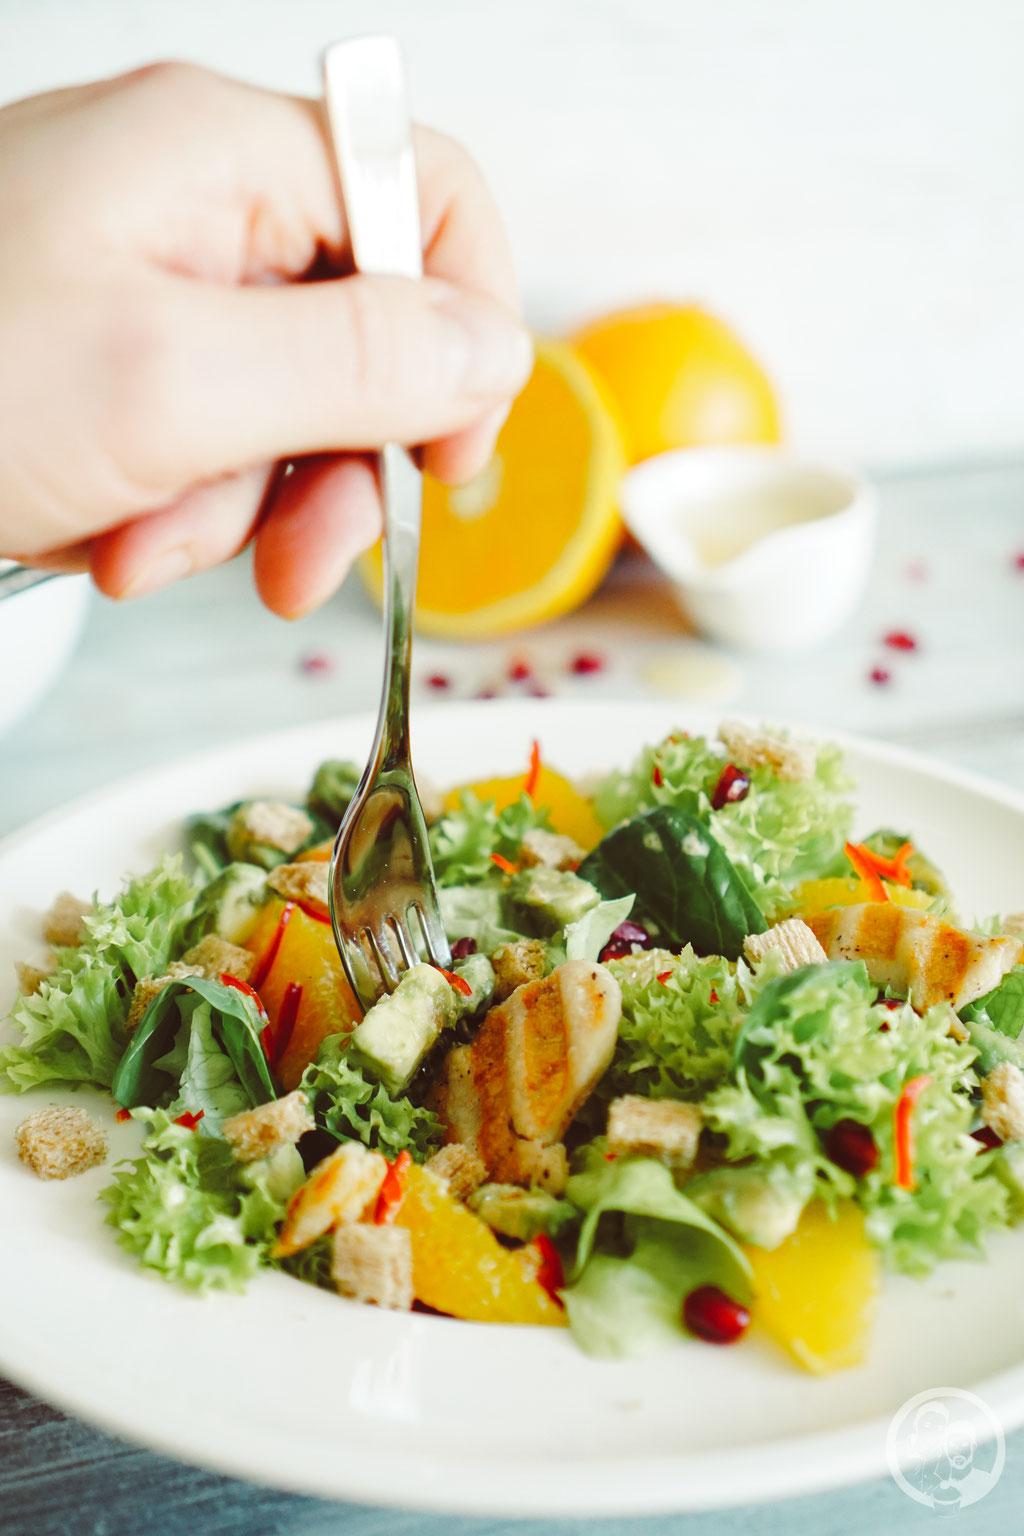 image 4 6 7 4 | Nachdem wir euch letzte Woche dasRezept fürunsere leckeren Kokosecken vorgestellt haben, die wir auch jetzt gerne nochmal auf dem Teller liegen haben würden, stellen wir euch heute wieder ein herzhaftes Rezept vor. Allerdings stimmt das nicht ganz, denn wie der Name schon sagt, ist ein Salat mit Orangendressing nicht wirklich nur herzhaft.